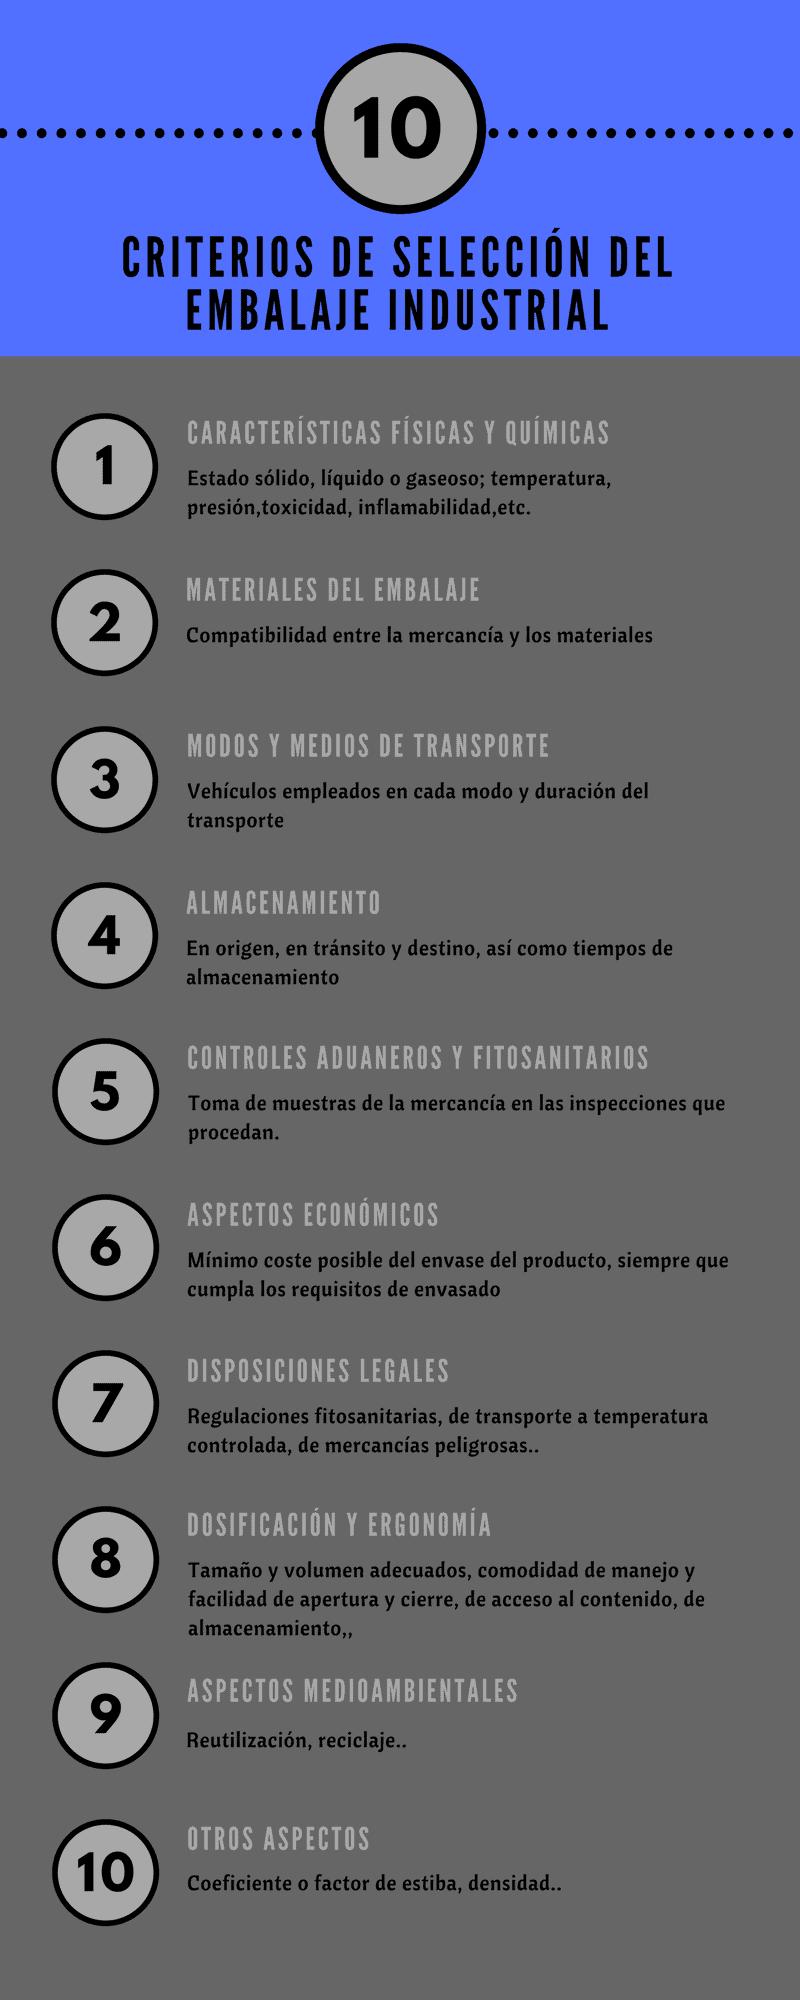 LA IMPORTANCIA DE LA CORRECTA SELECCIÓN DEL EMBALAJE INDUSTRIAL